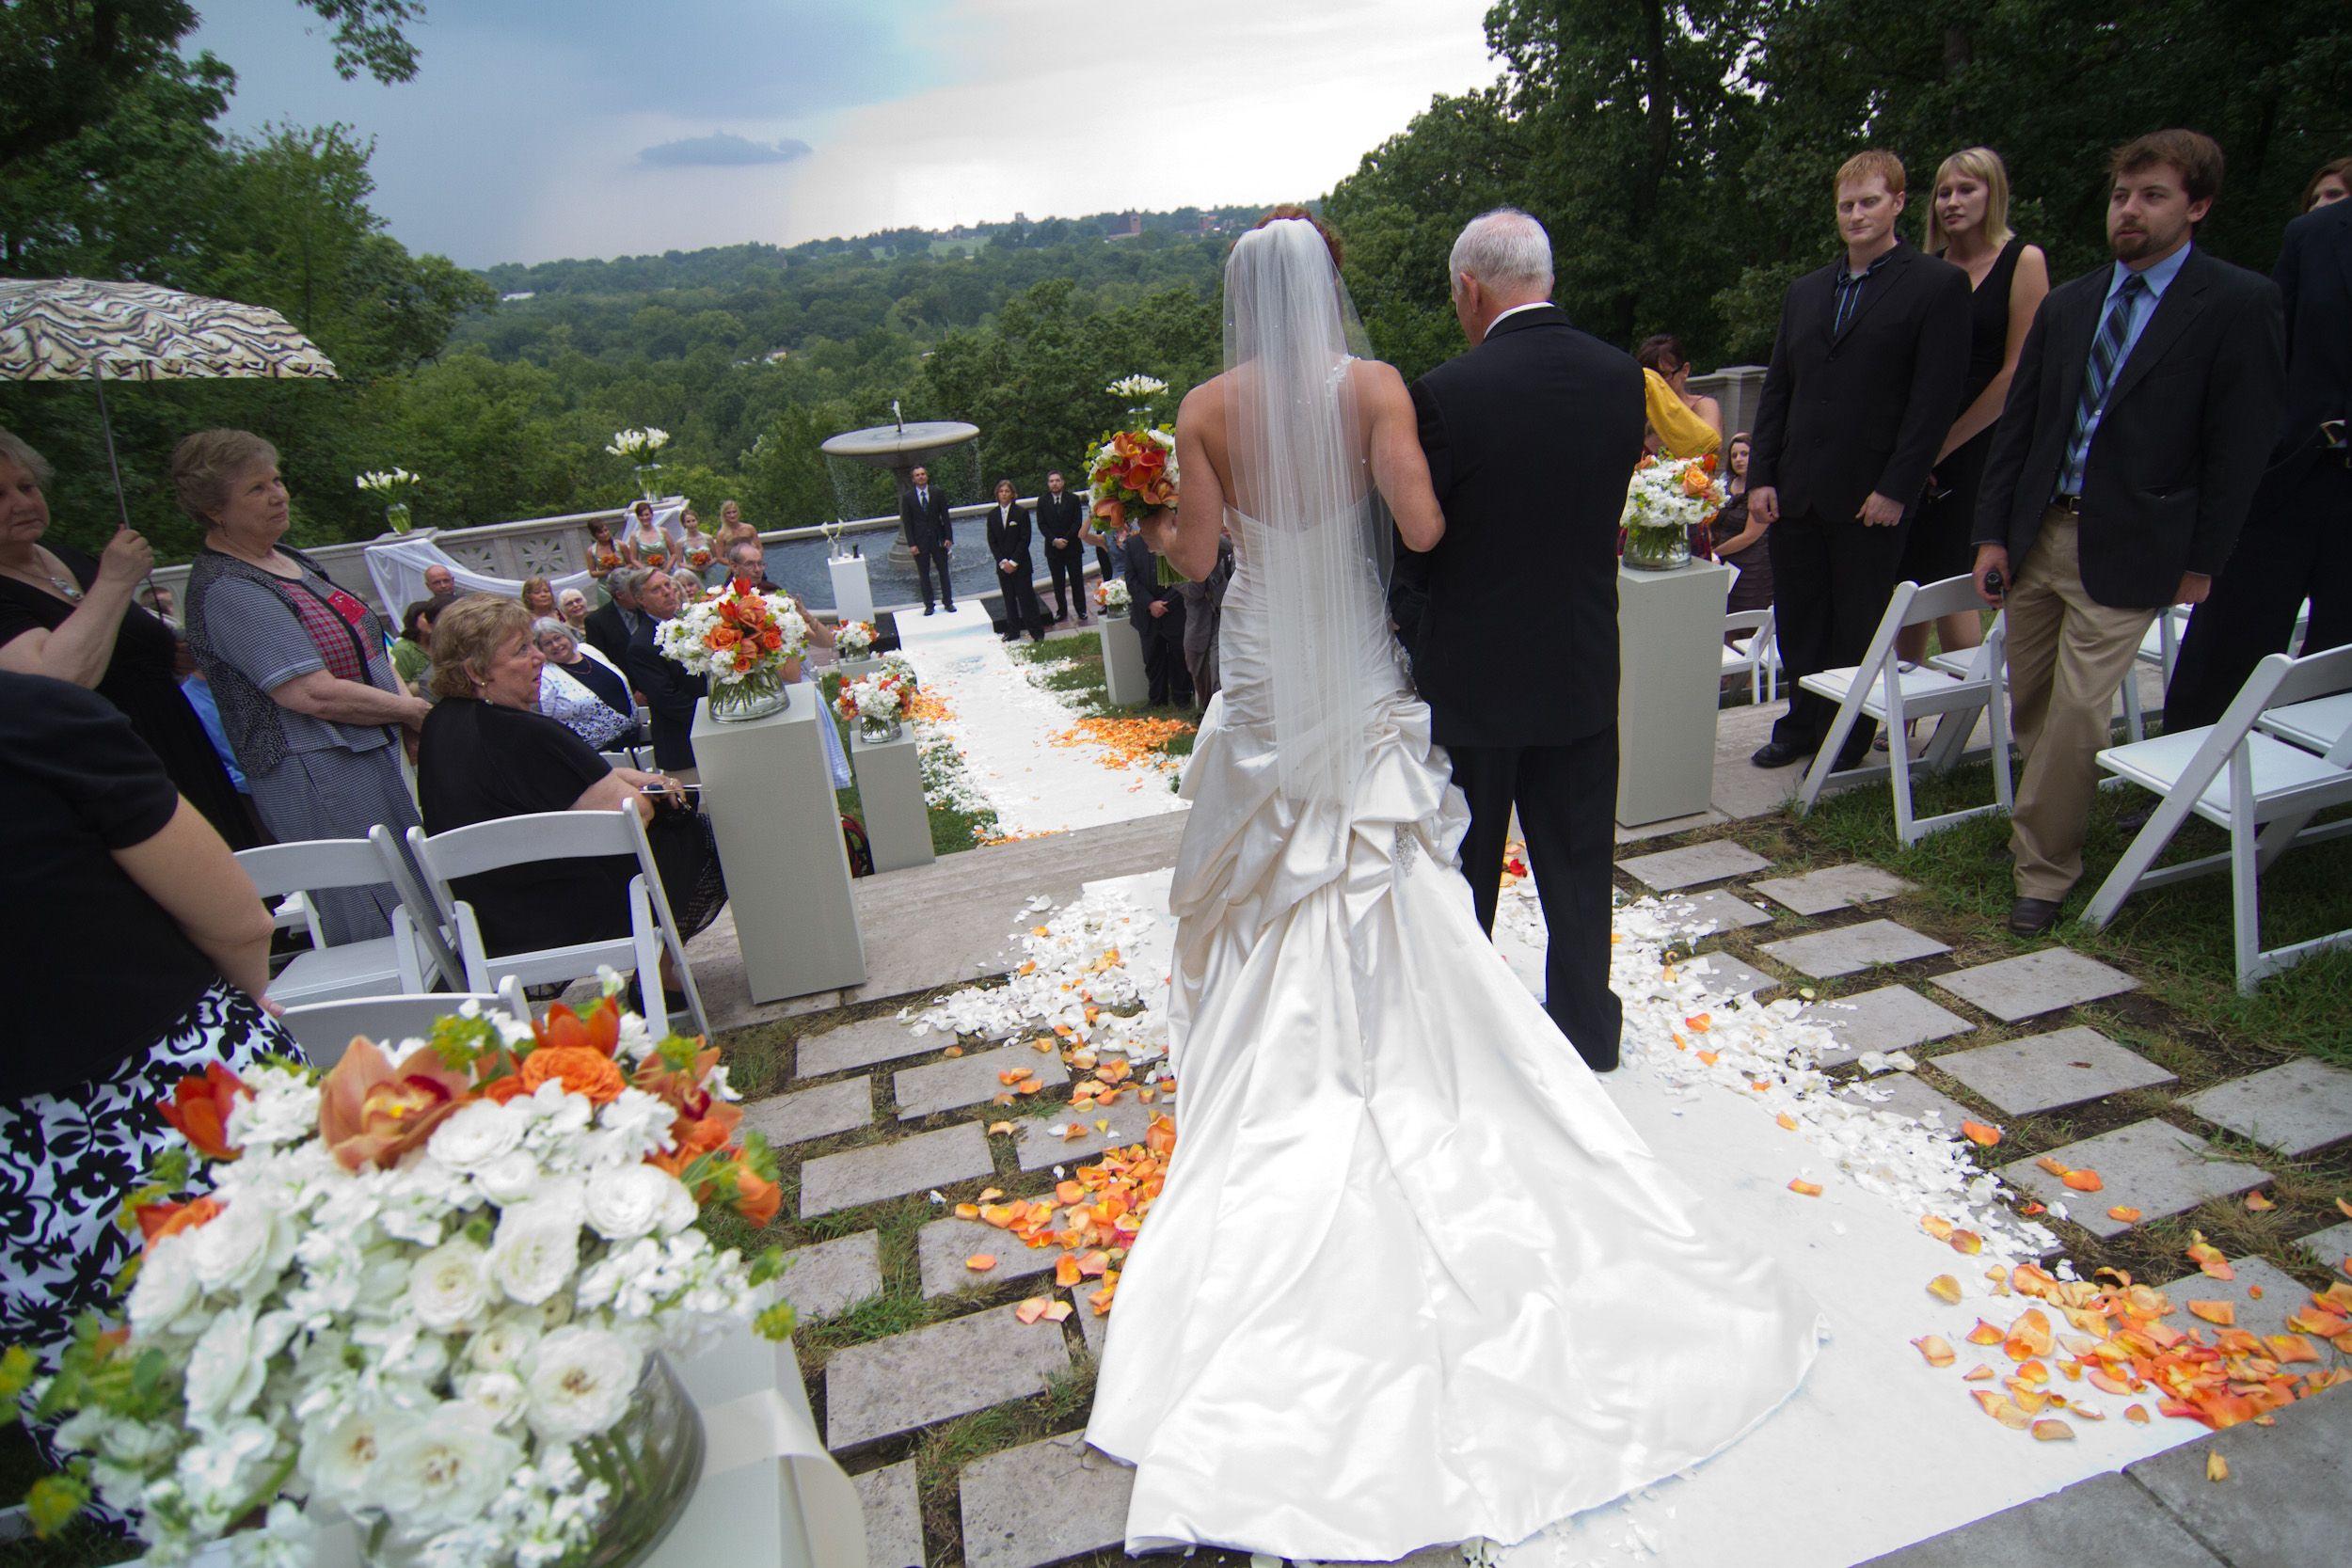 Wedding Se Memorial Outdoor Venuesmemorial